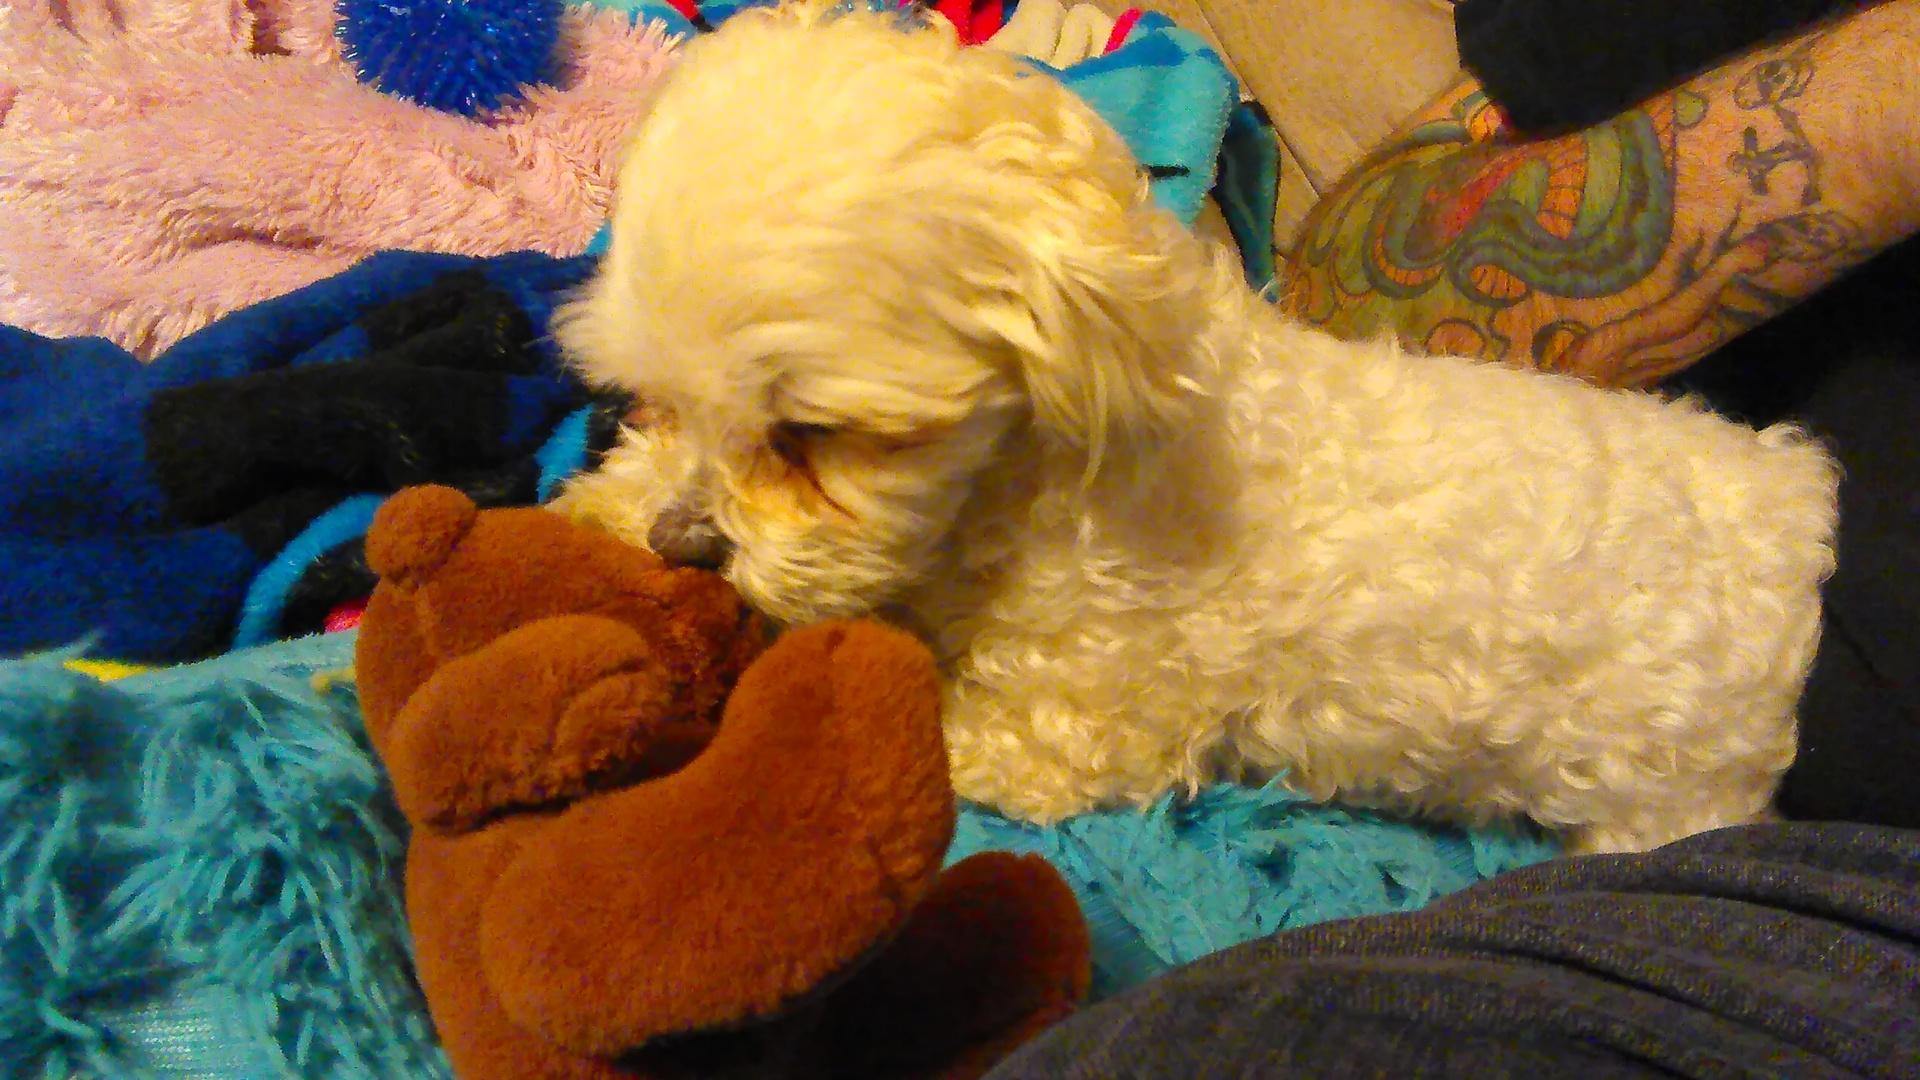 Dog gives Teddy Bear a bath